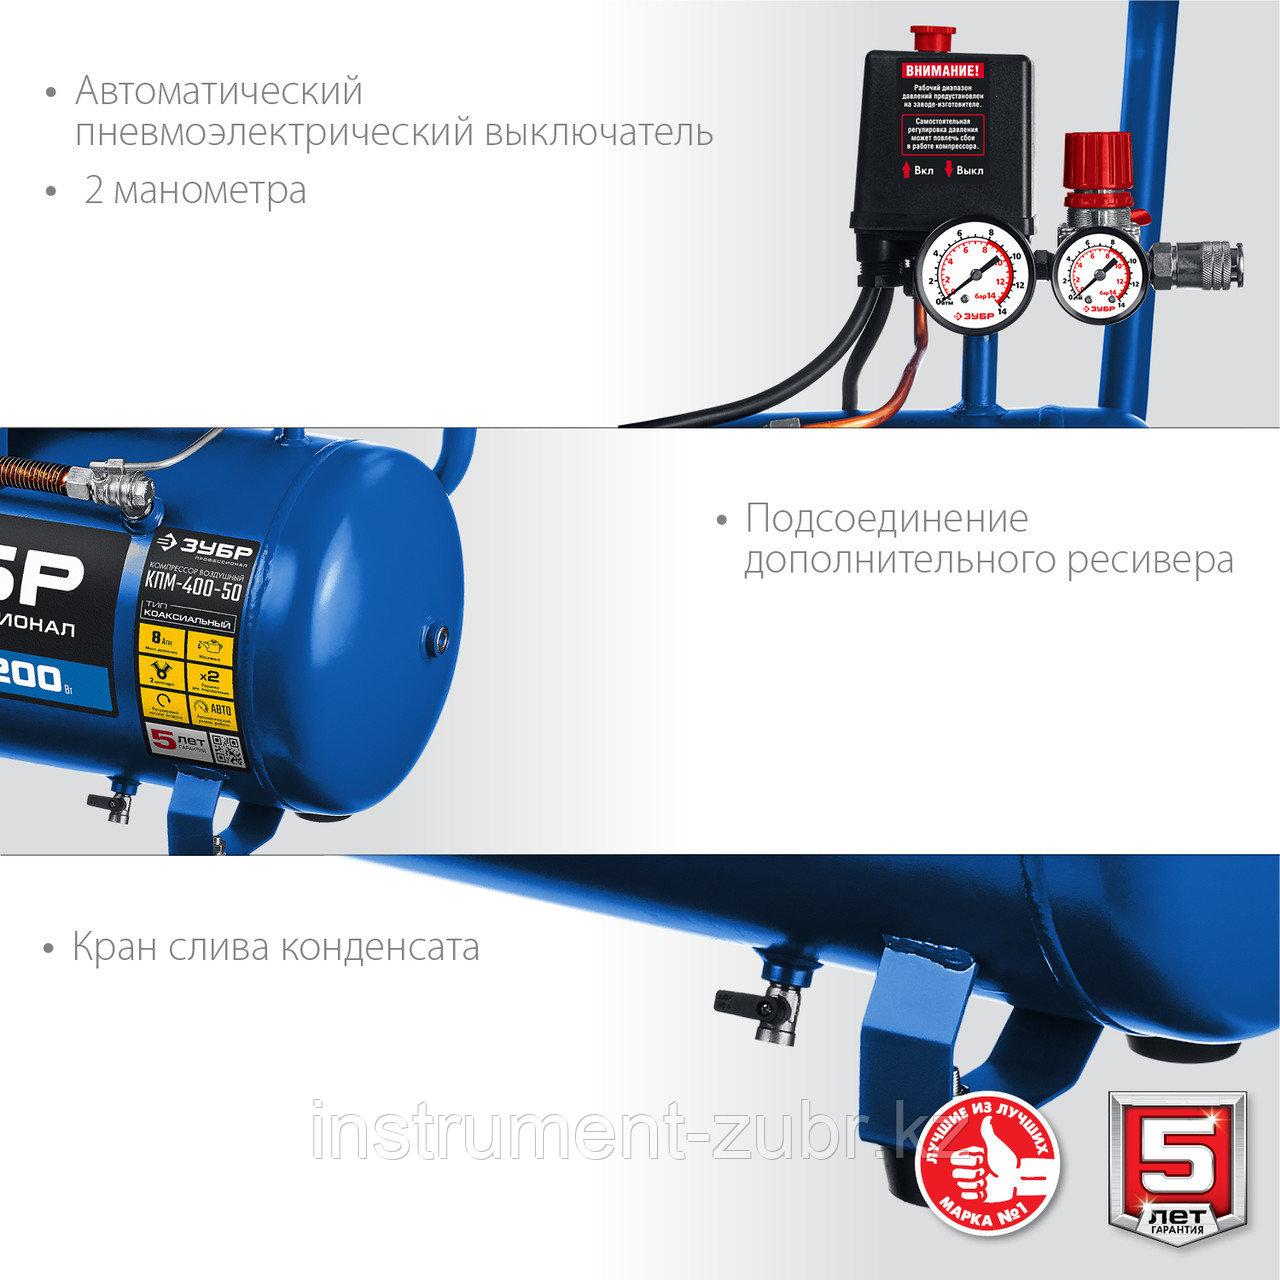 Компрессор воздушный, 400 л/мин, 50 л, 2200 Вт, ЗУБР - фото 2